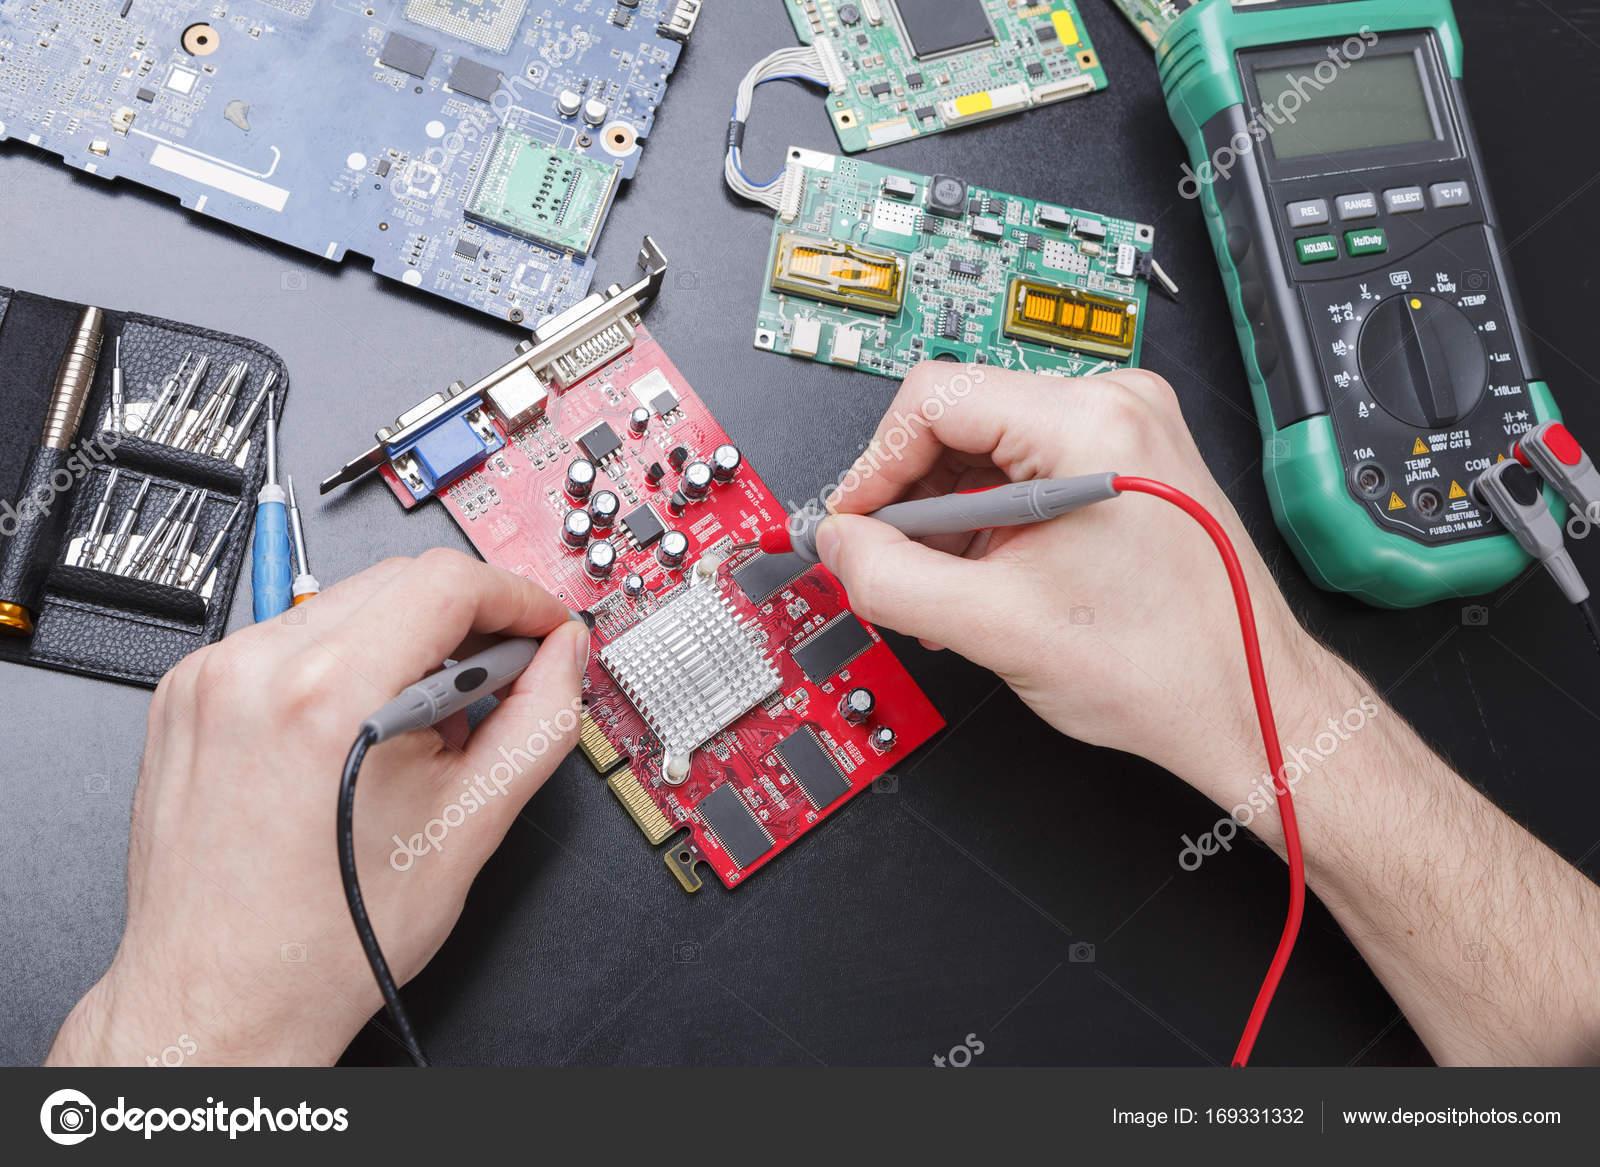 Circuito Eletronico : Circuito eletrônico vermelho bordo inspecionando perto